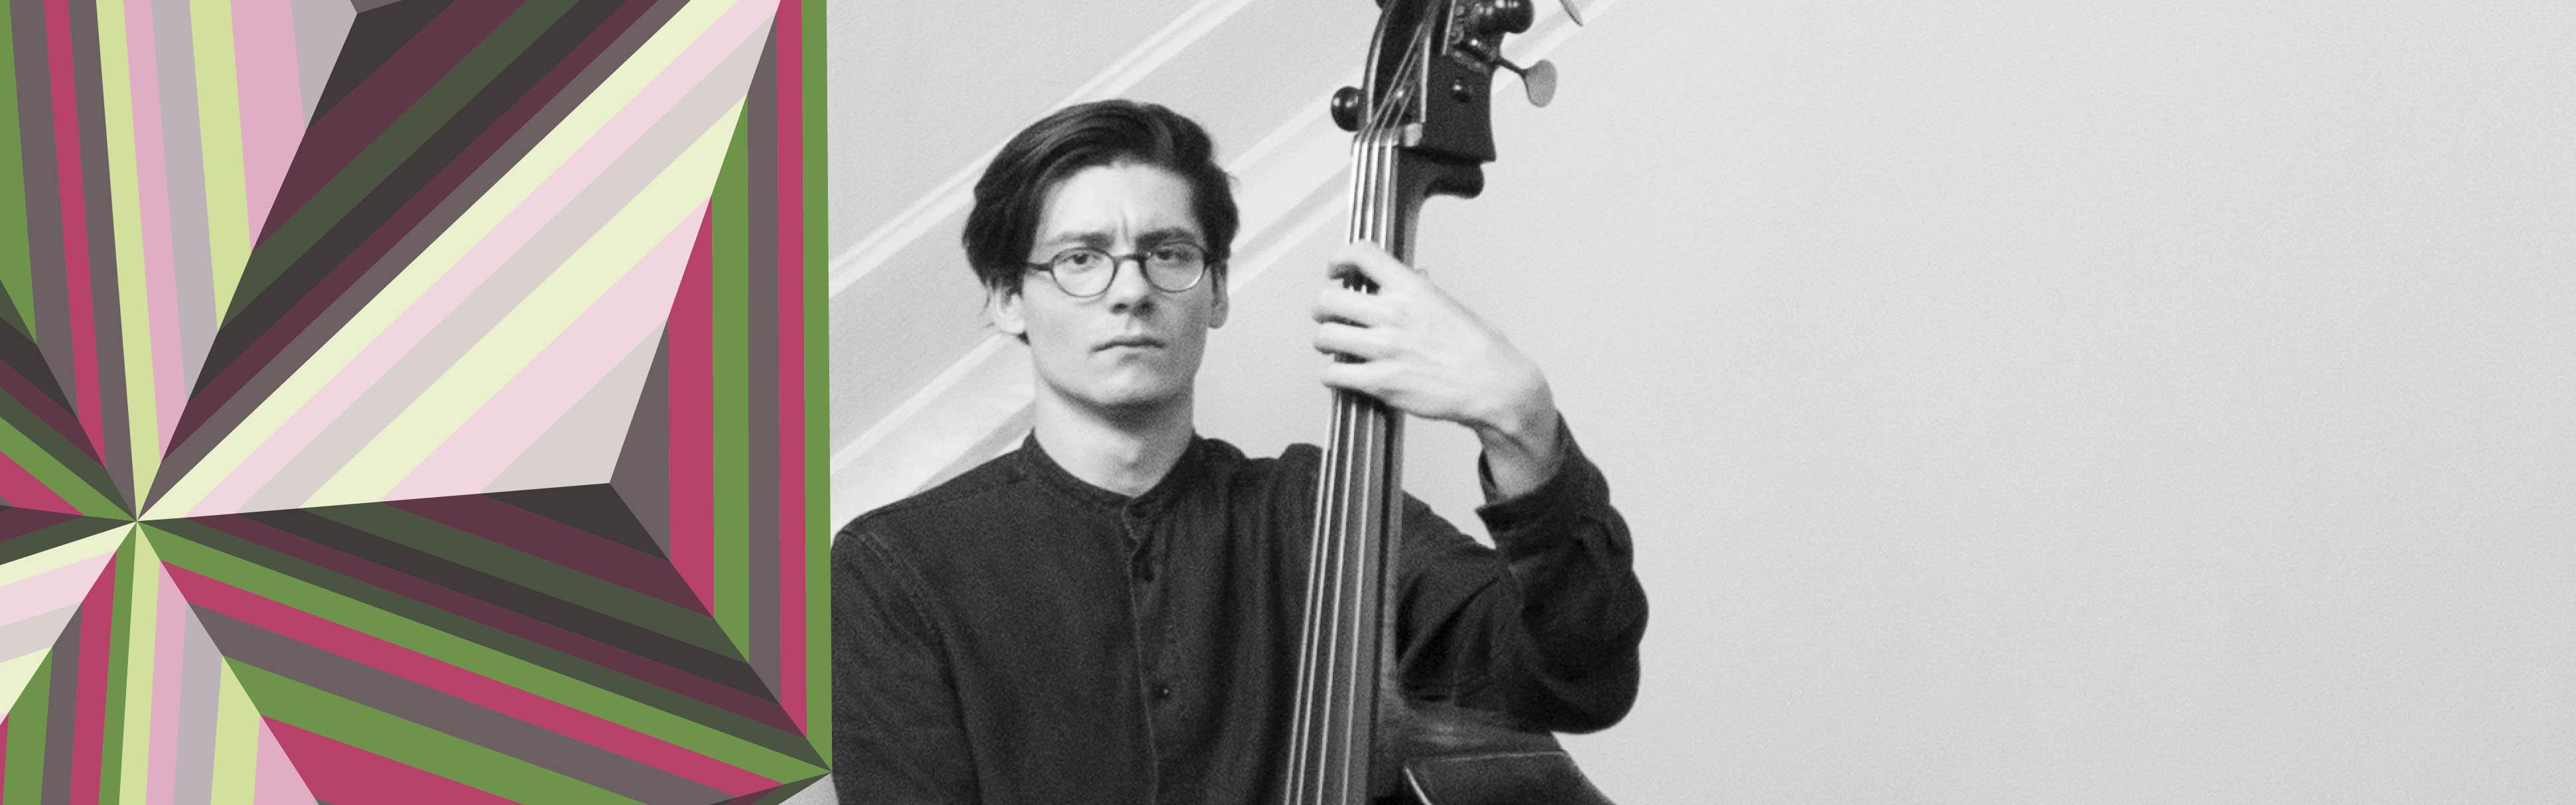 Bartosz Dworak